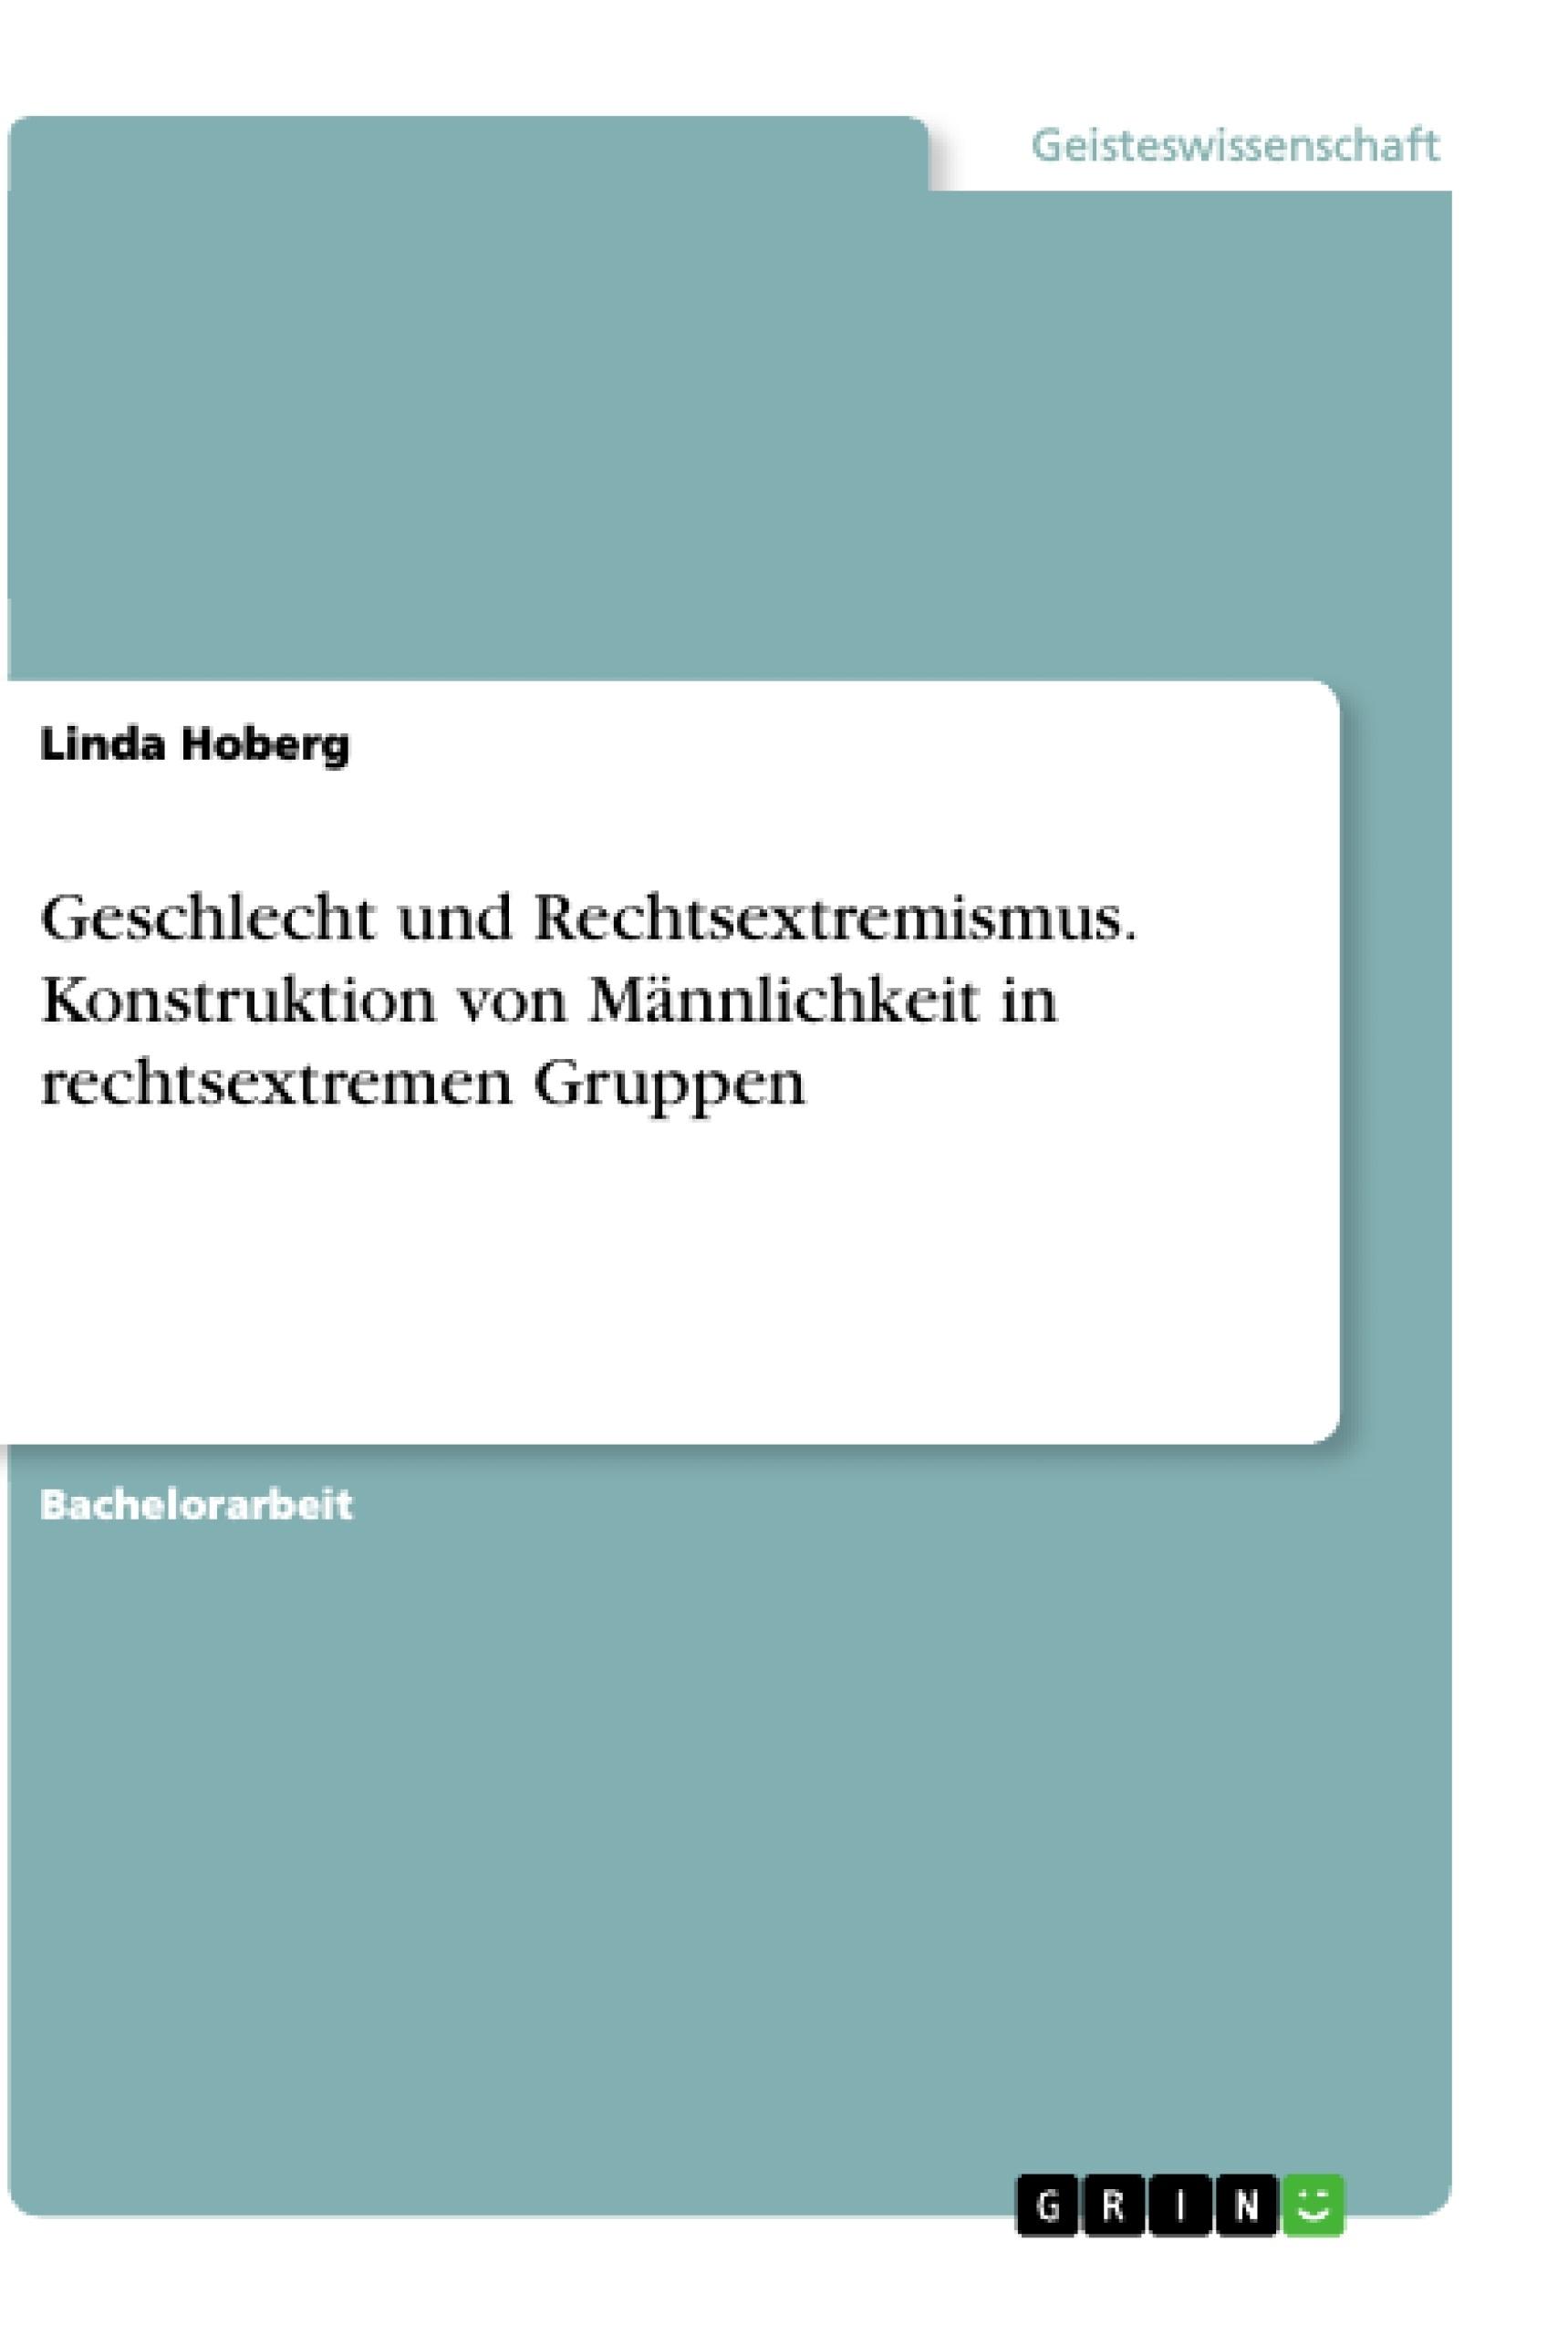 Titel: Geschlecht und Rechtsextremismus. Konstruktion von Männlichkeit in rechtsextremen Gruppen